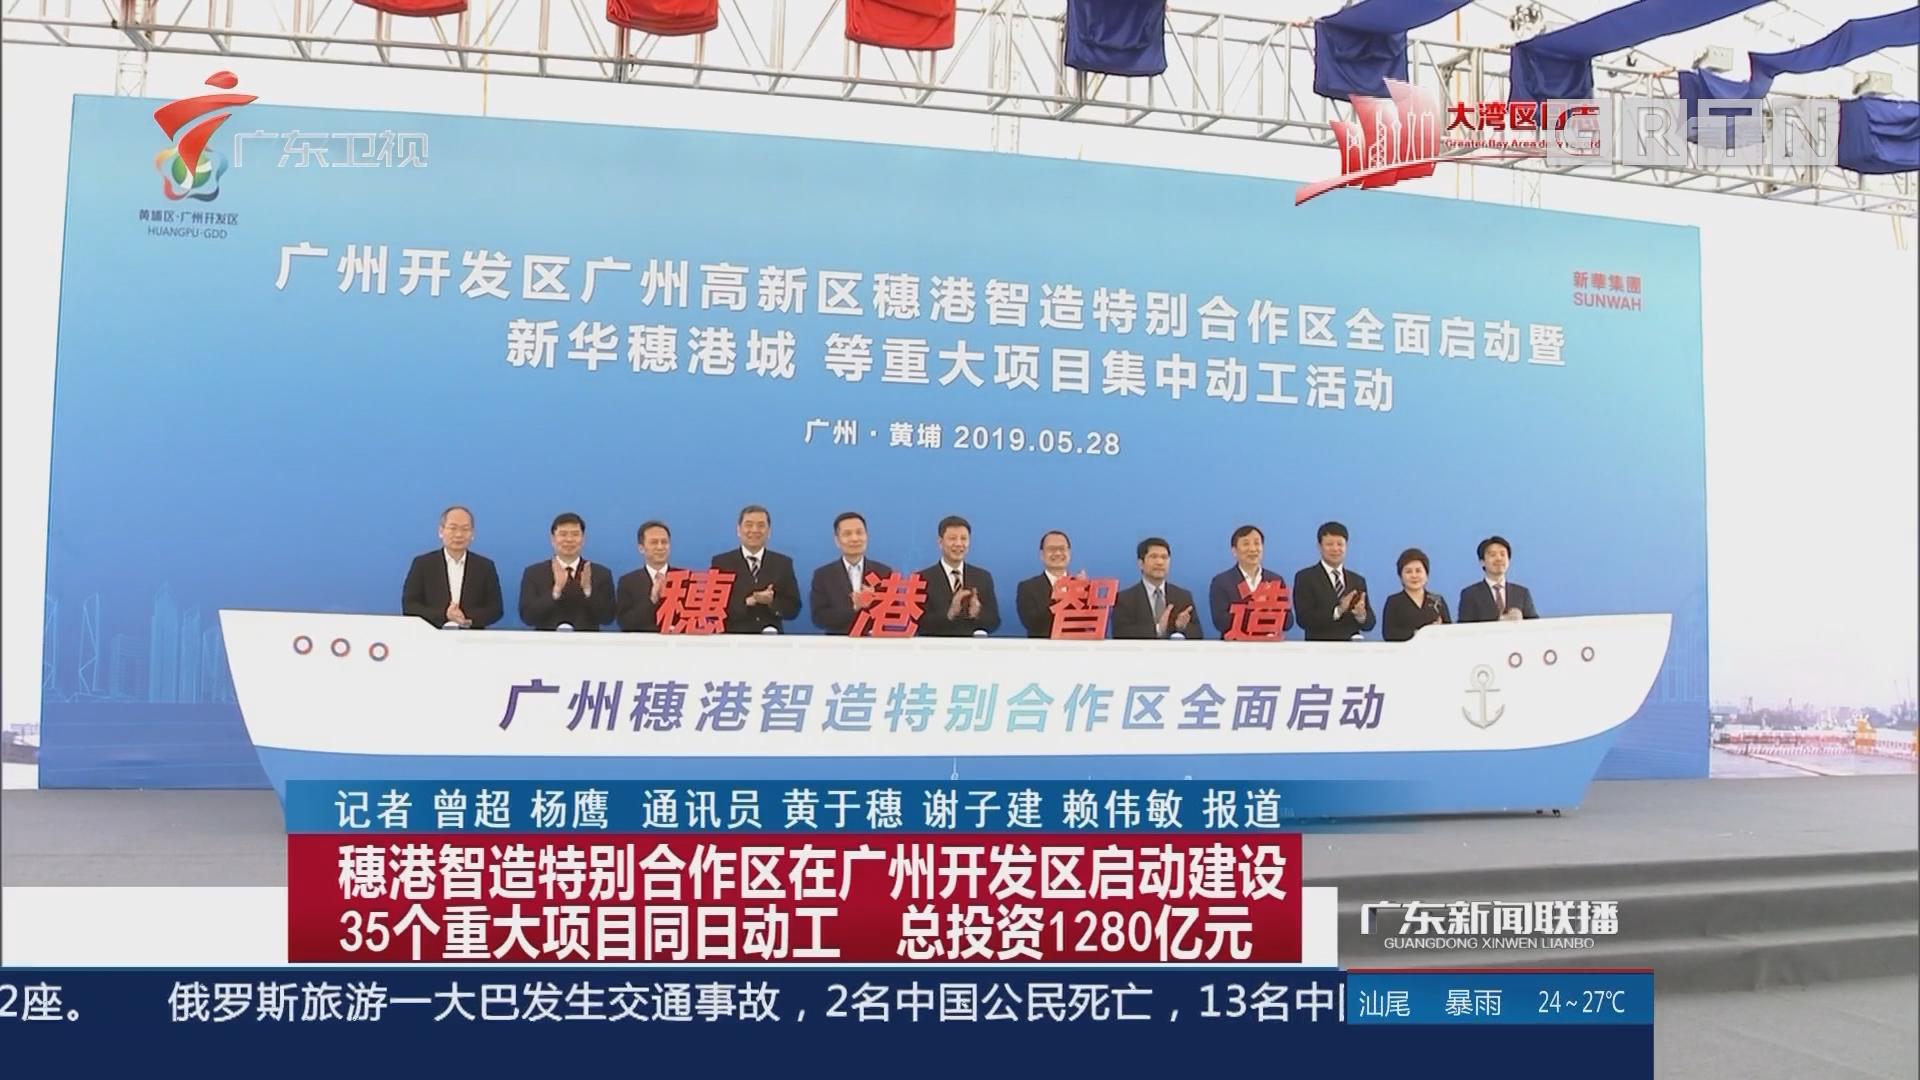 穗港智造特别合作区在广州开发区启动建设35个重大项目同日动工 总投资1280亿元